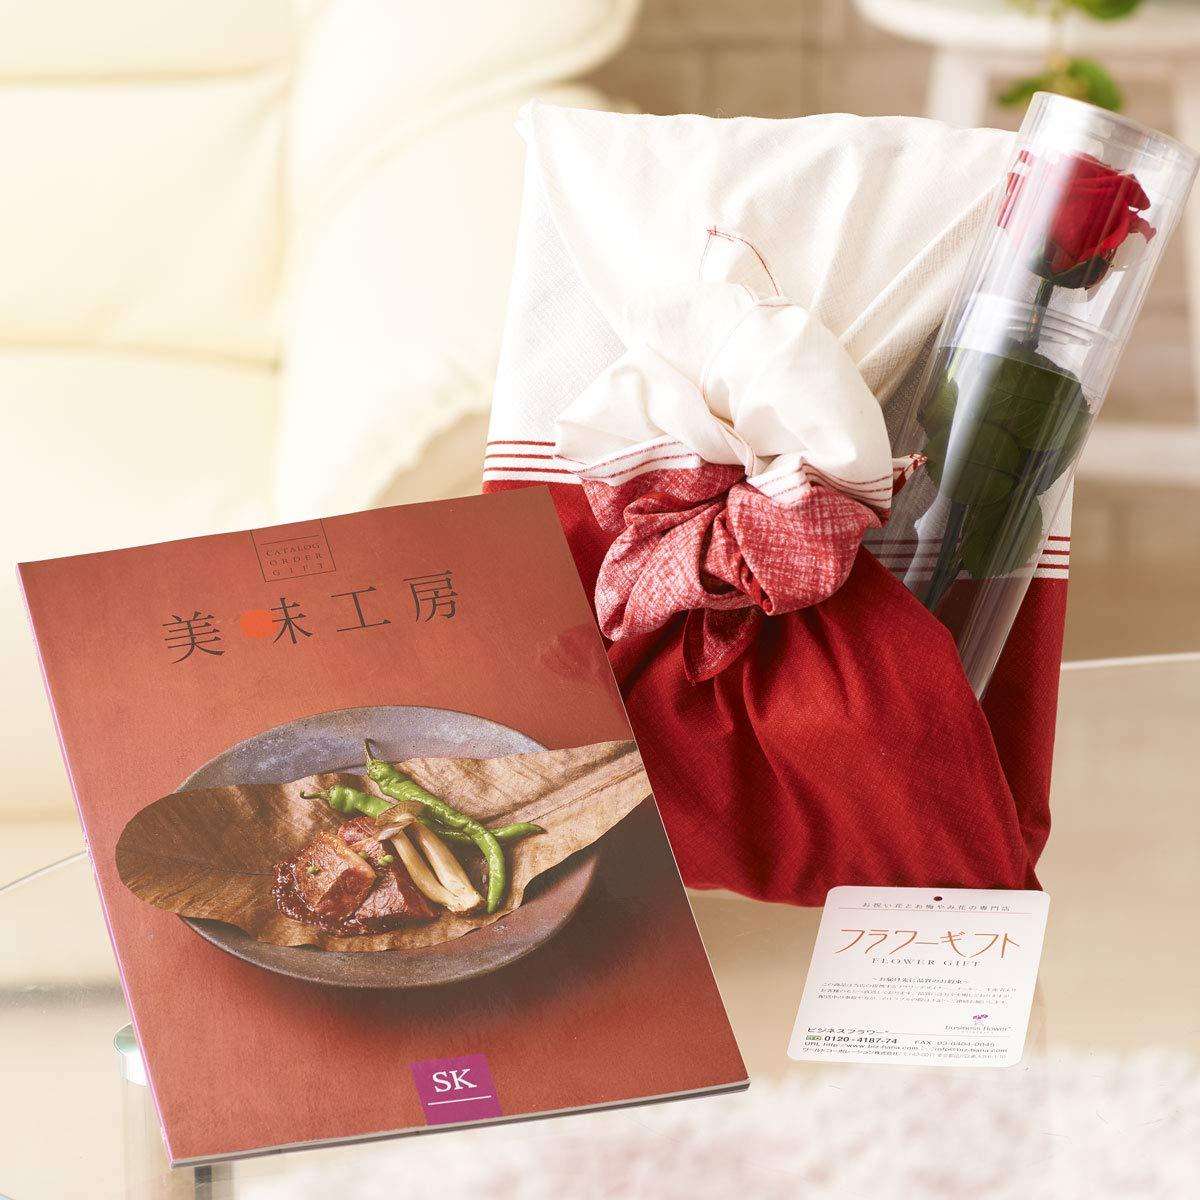 花とギフトのセット ステムローズとグルメカタログギフト(美味工房/SK)風呂敷(華包み) B07PBZ2GTW